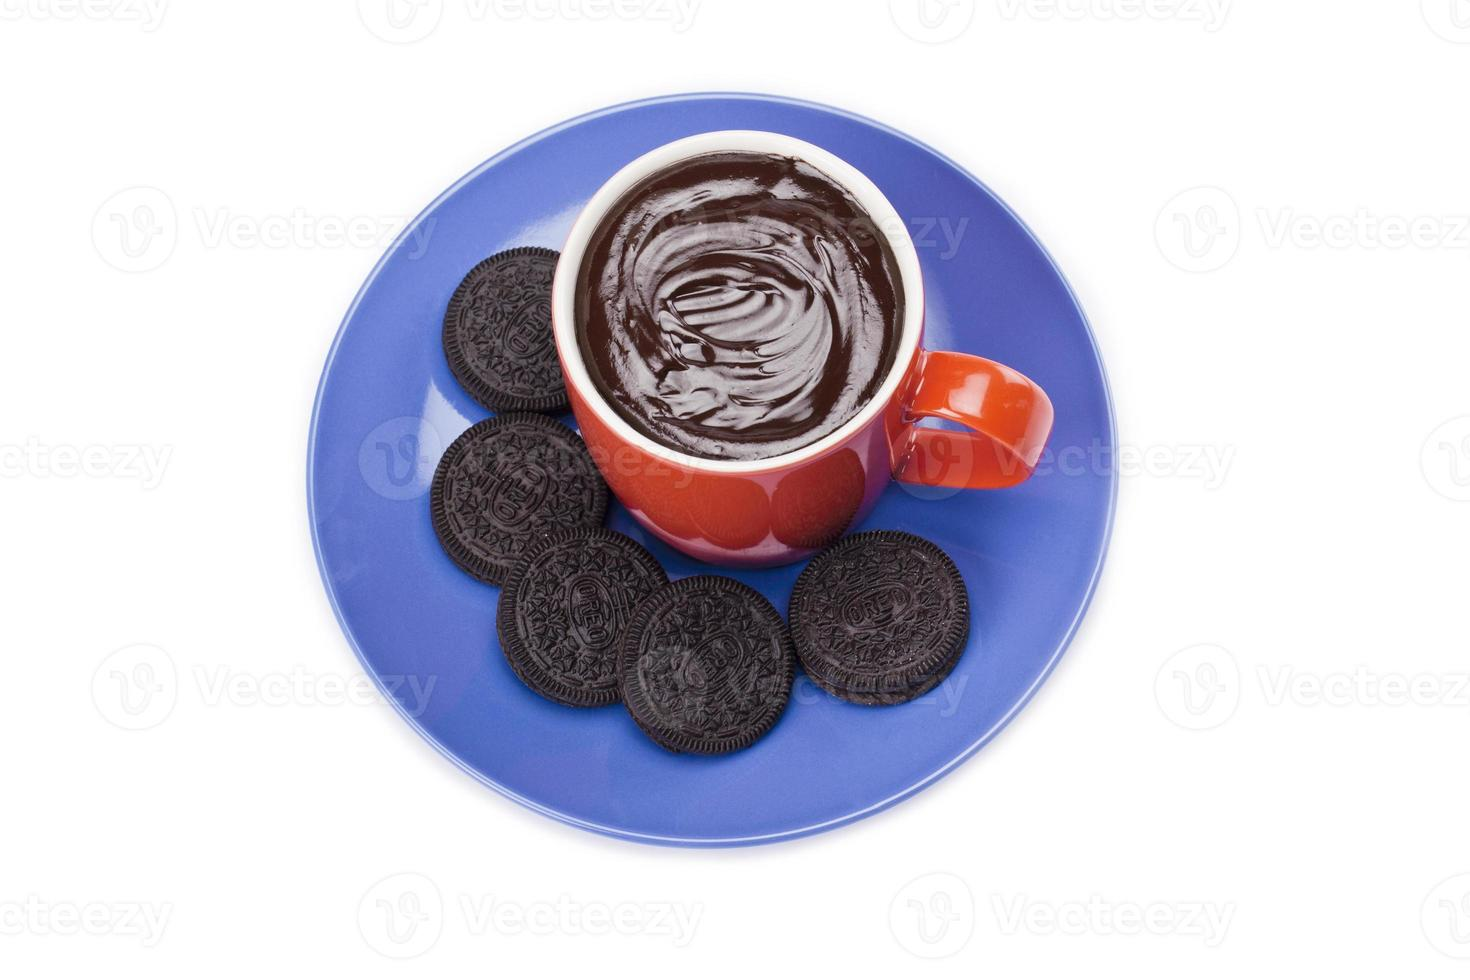 galletas bañadas en chocolate foto